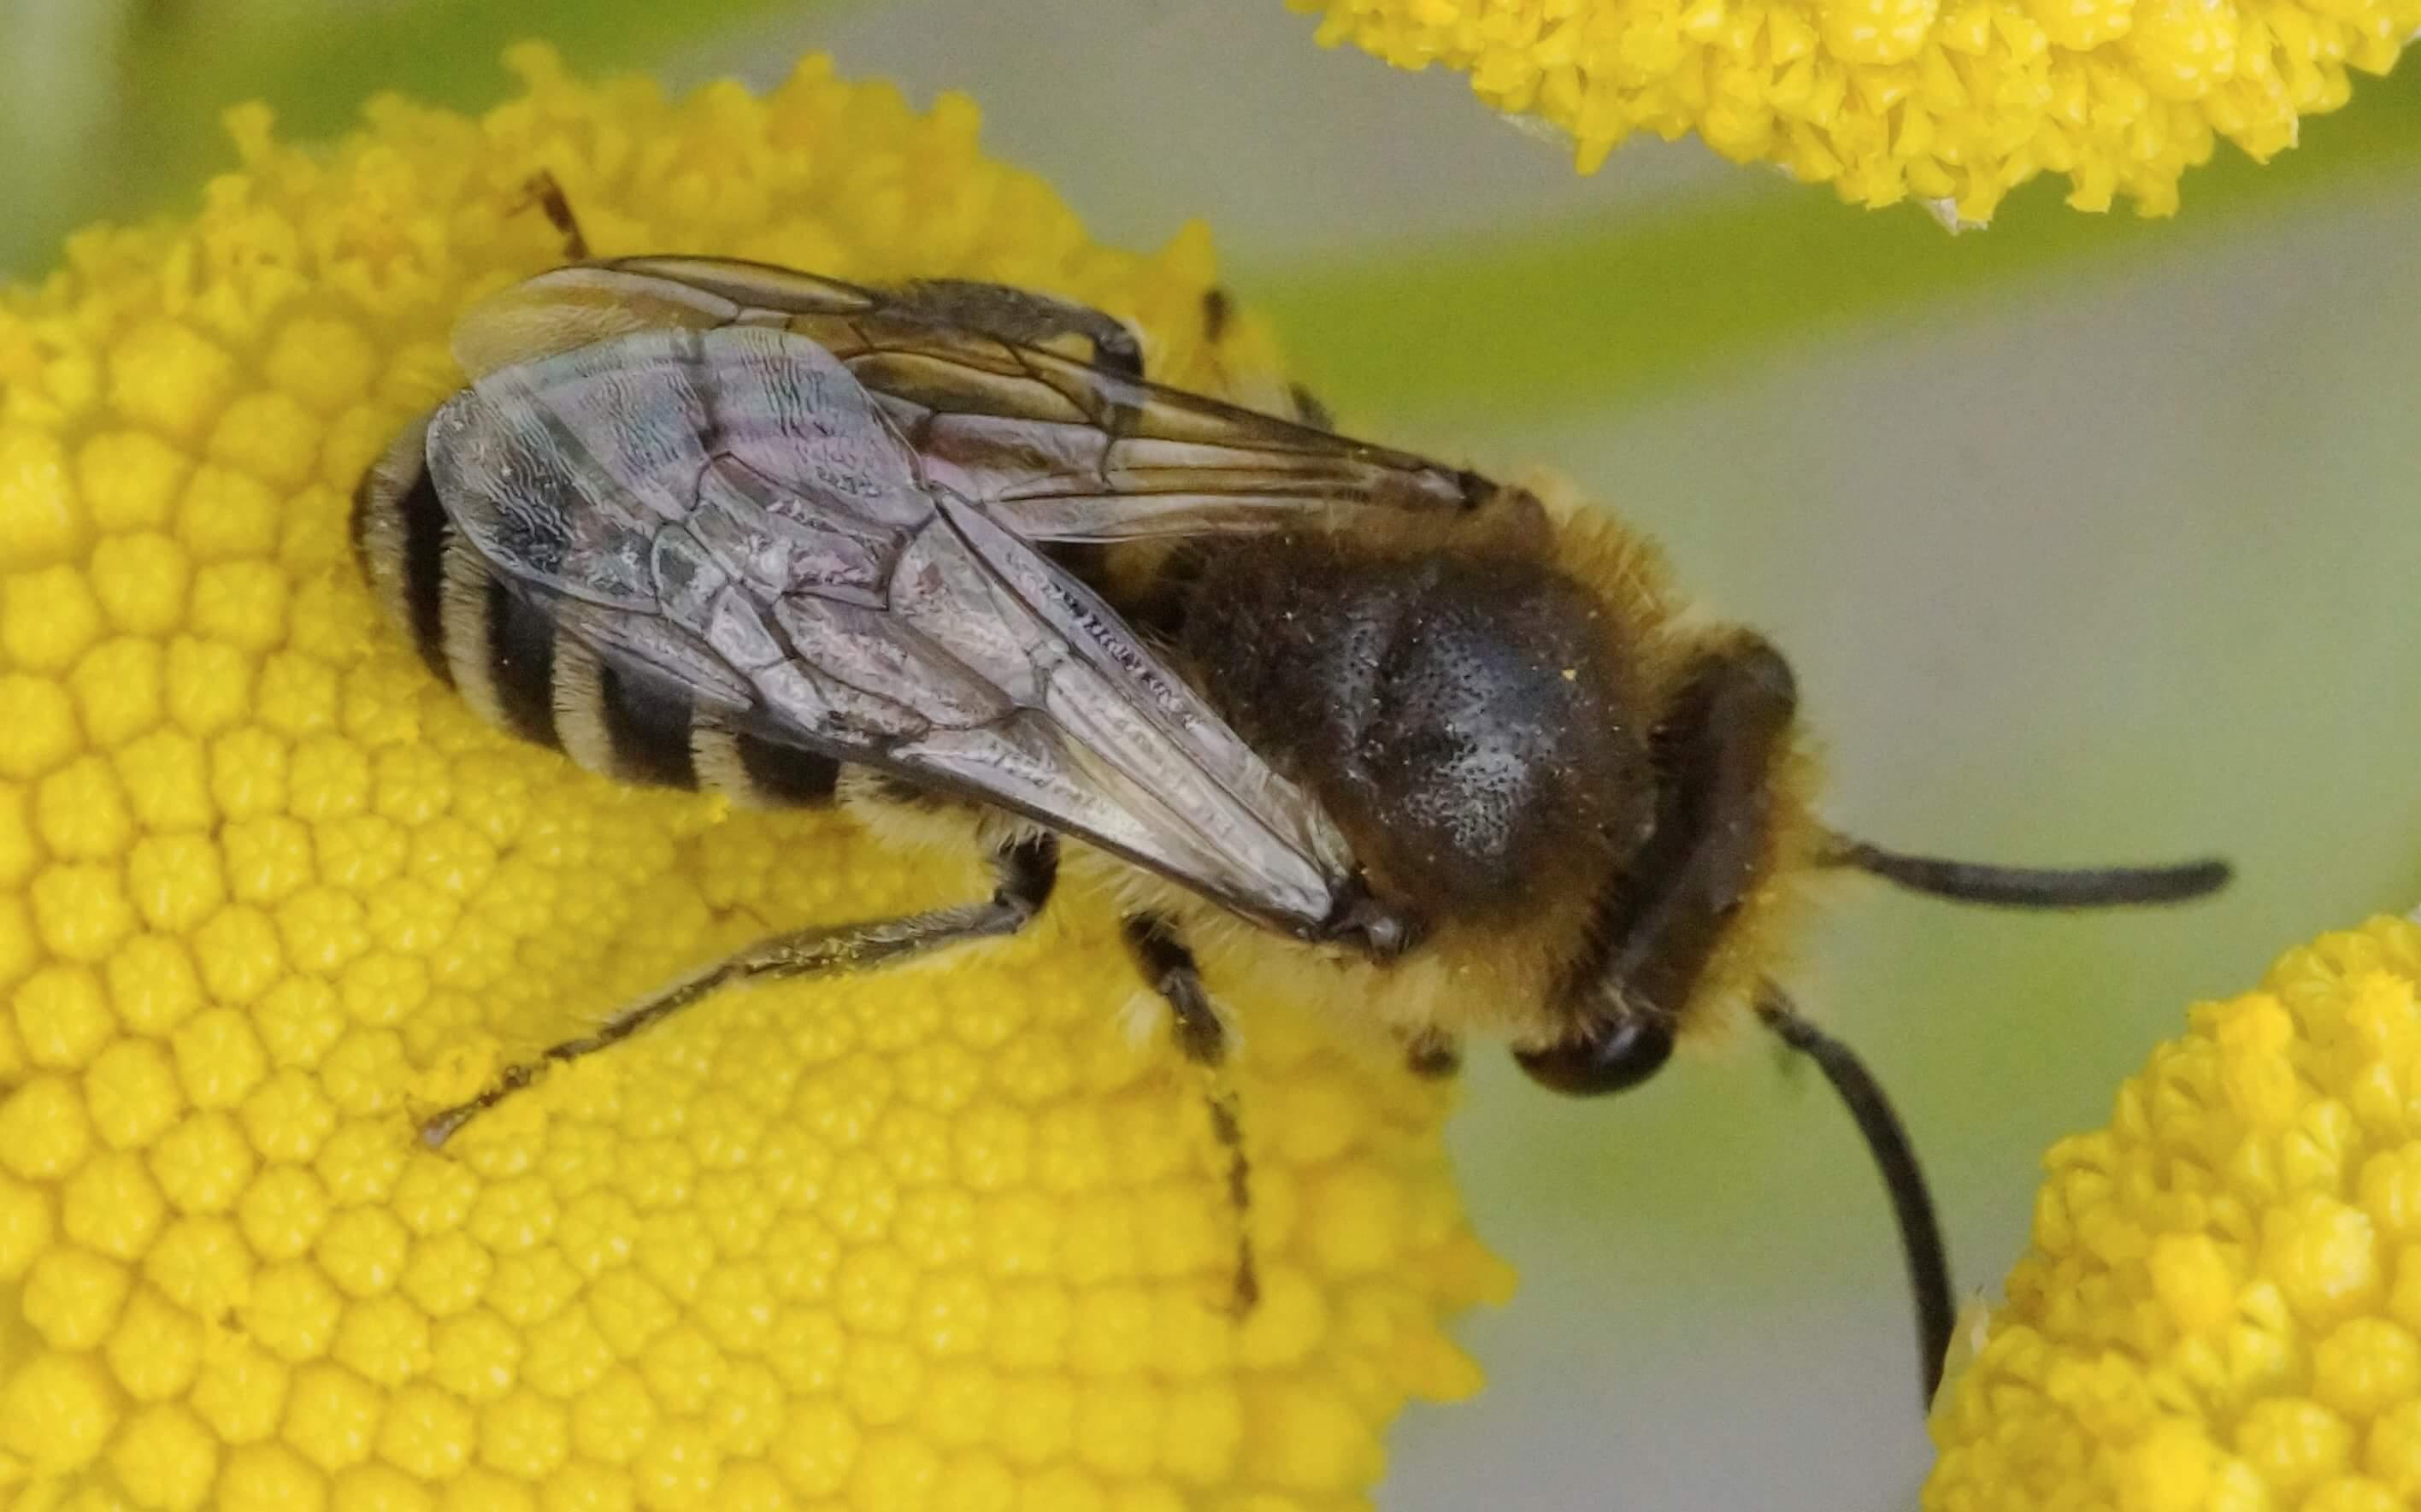 Colletes daviesanus-törmäiskomehiläinen, koiras (det. Juho Paukkunen)